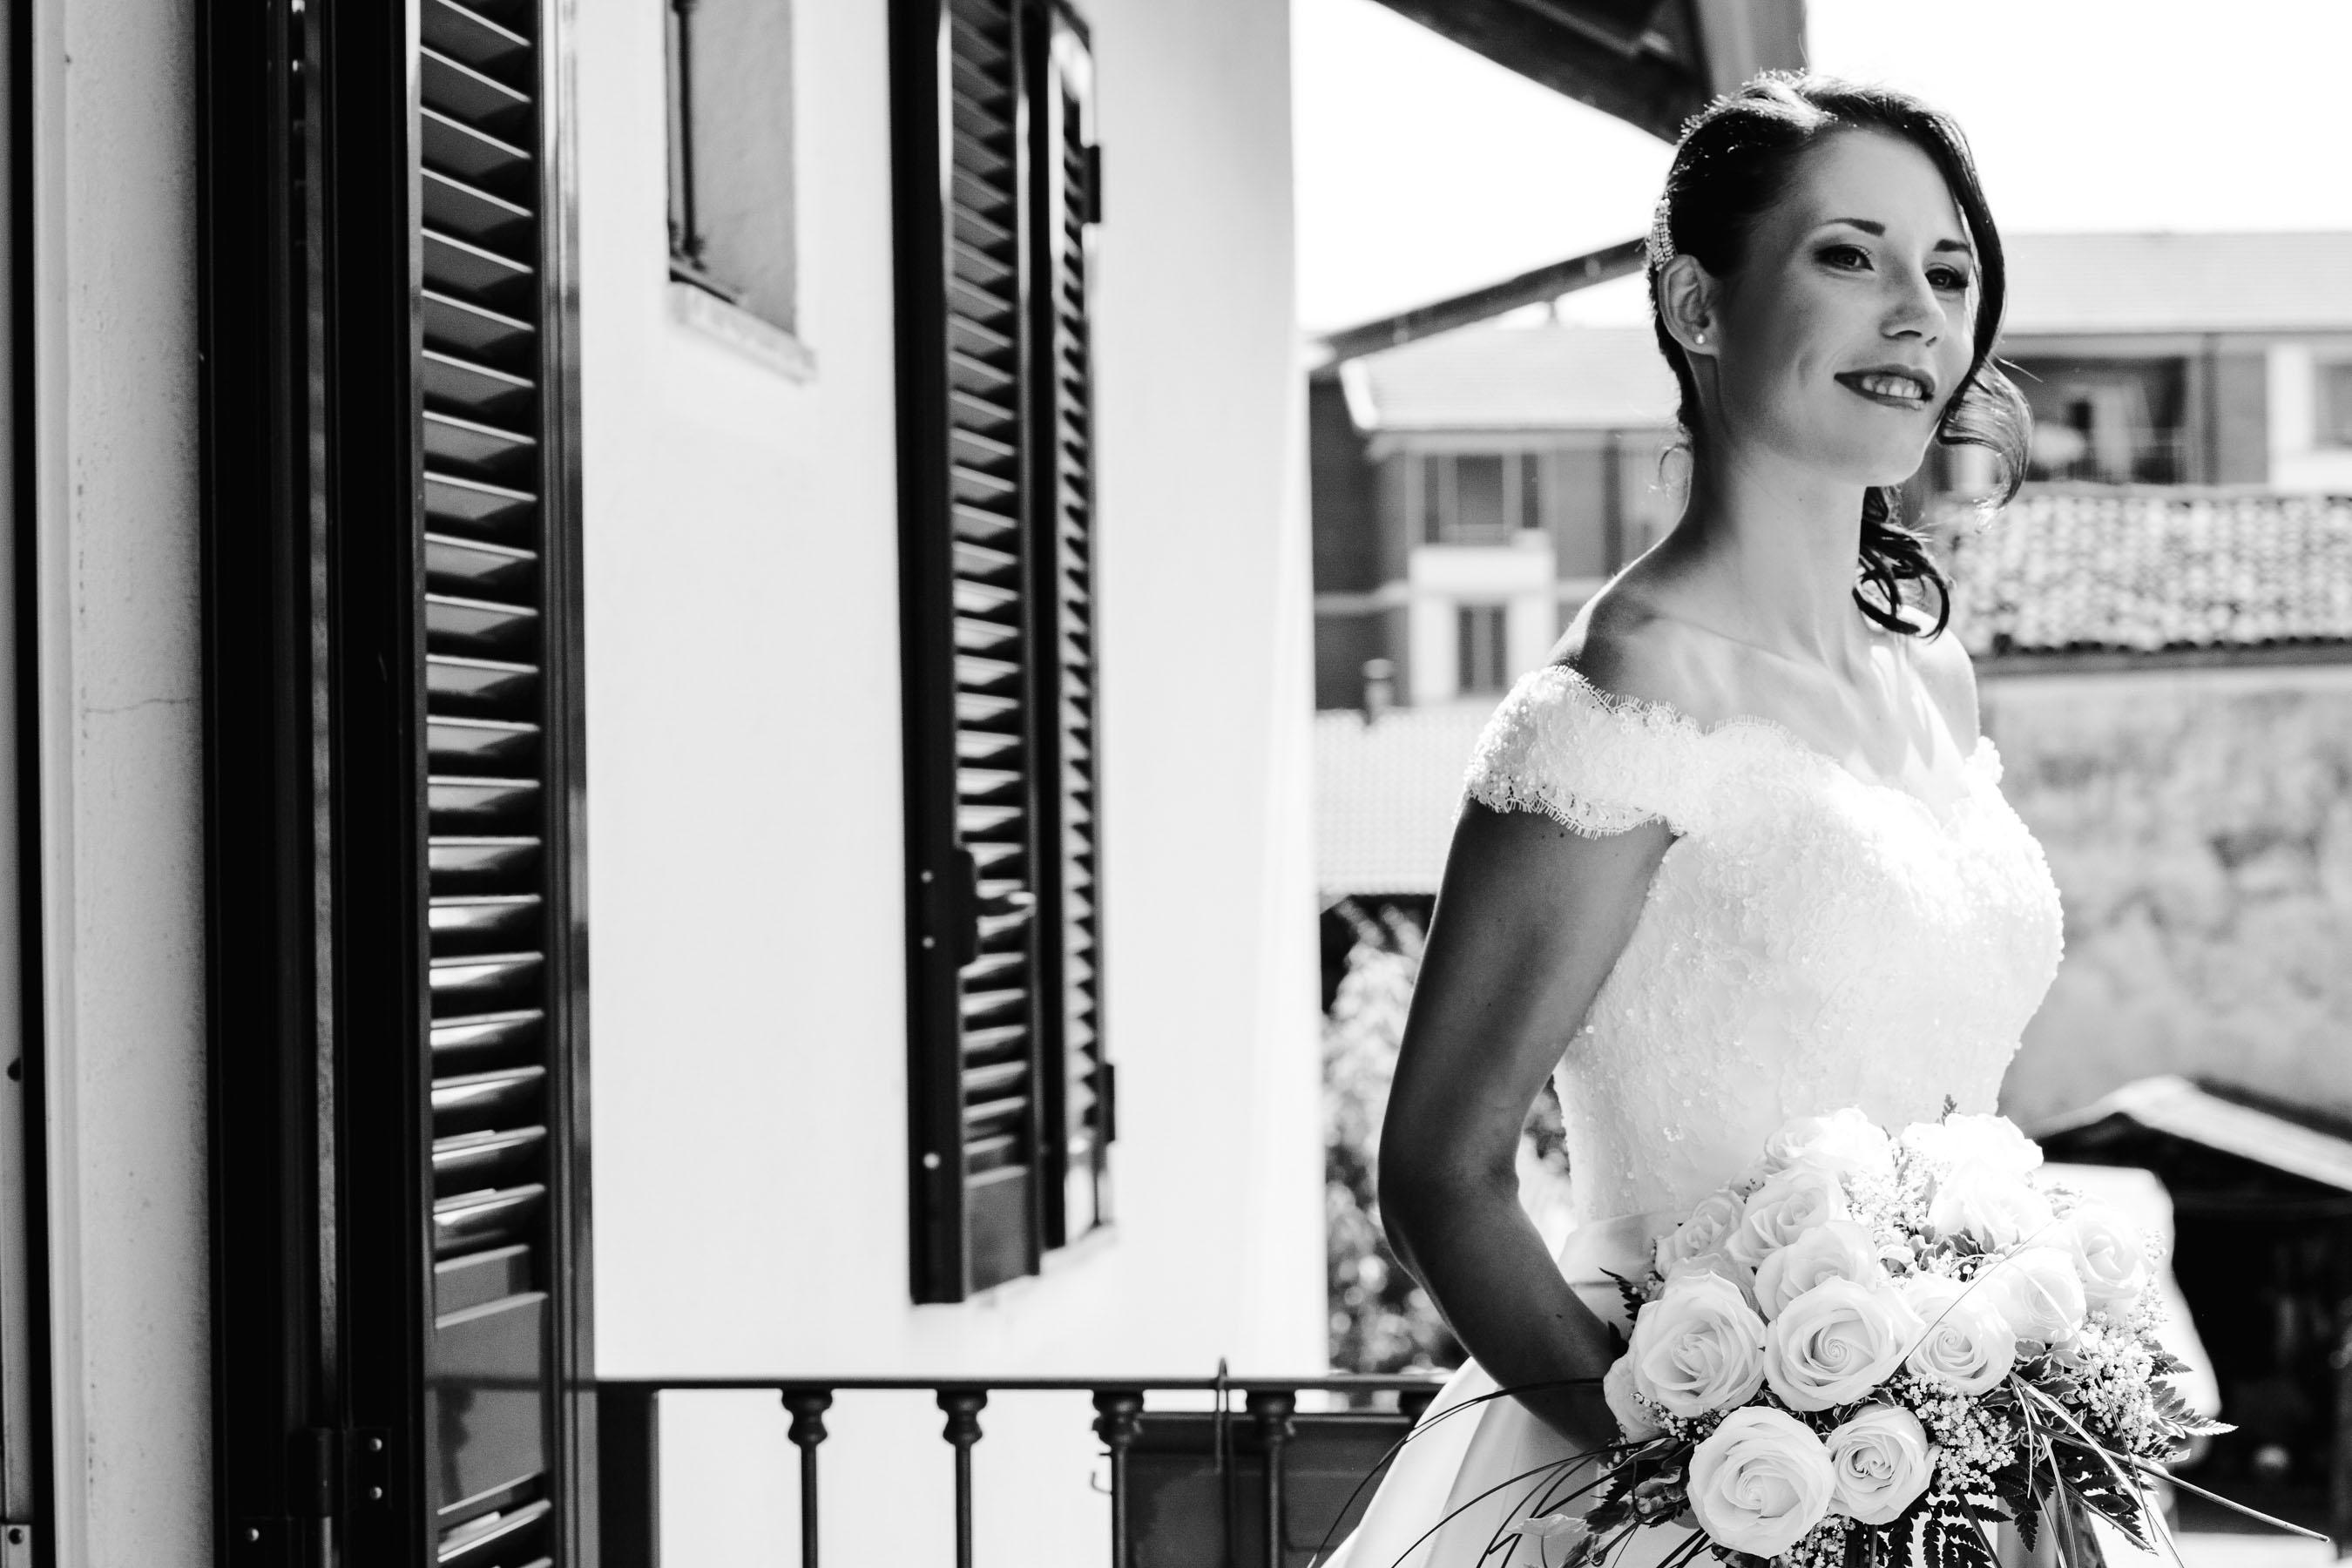 art foto_torino_monica sica photography_la vià _cavour_ fotografo matrimonio_torino-15